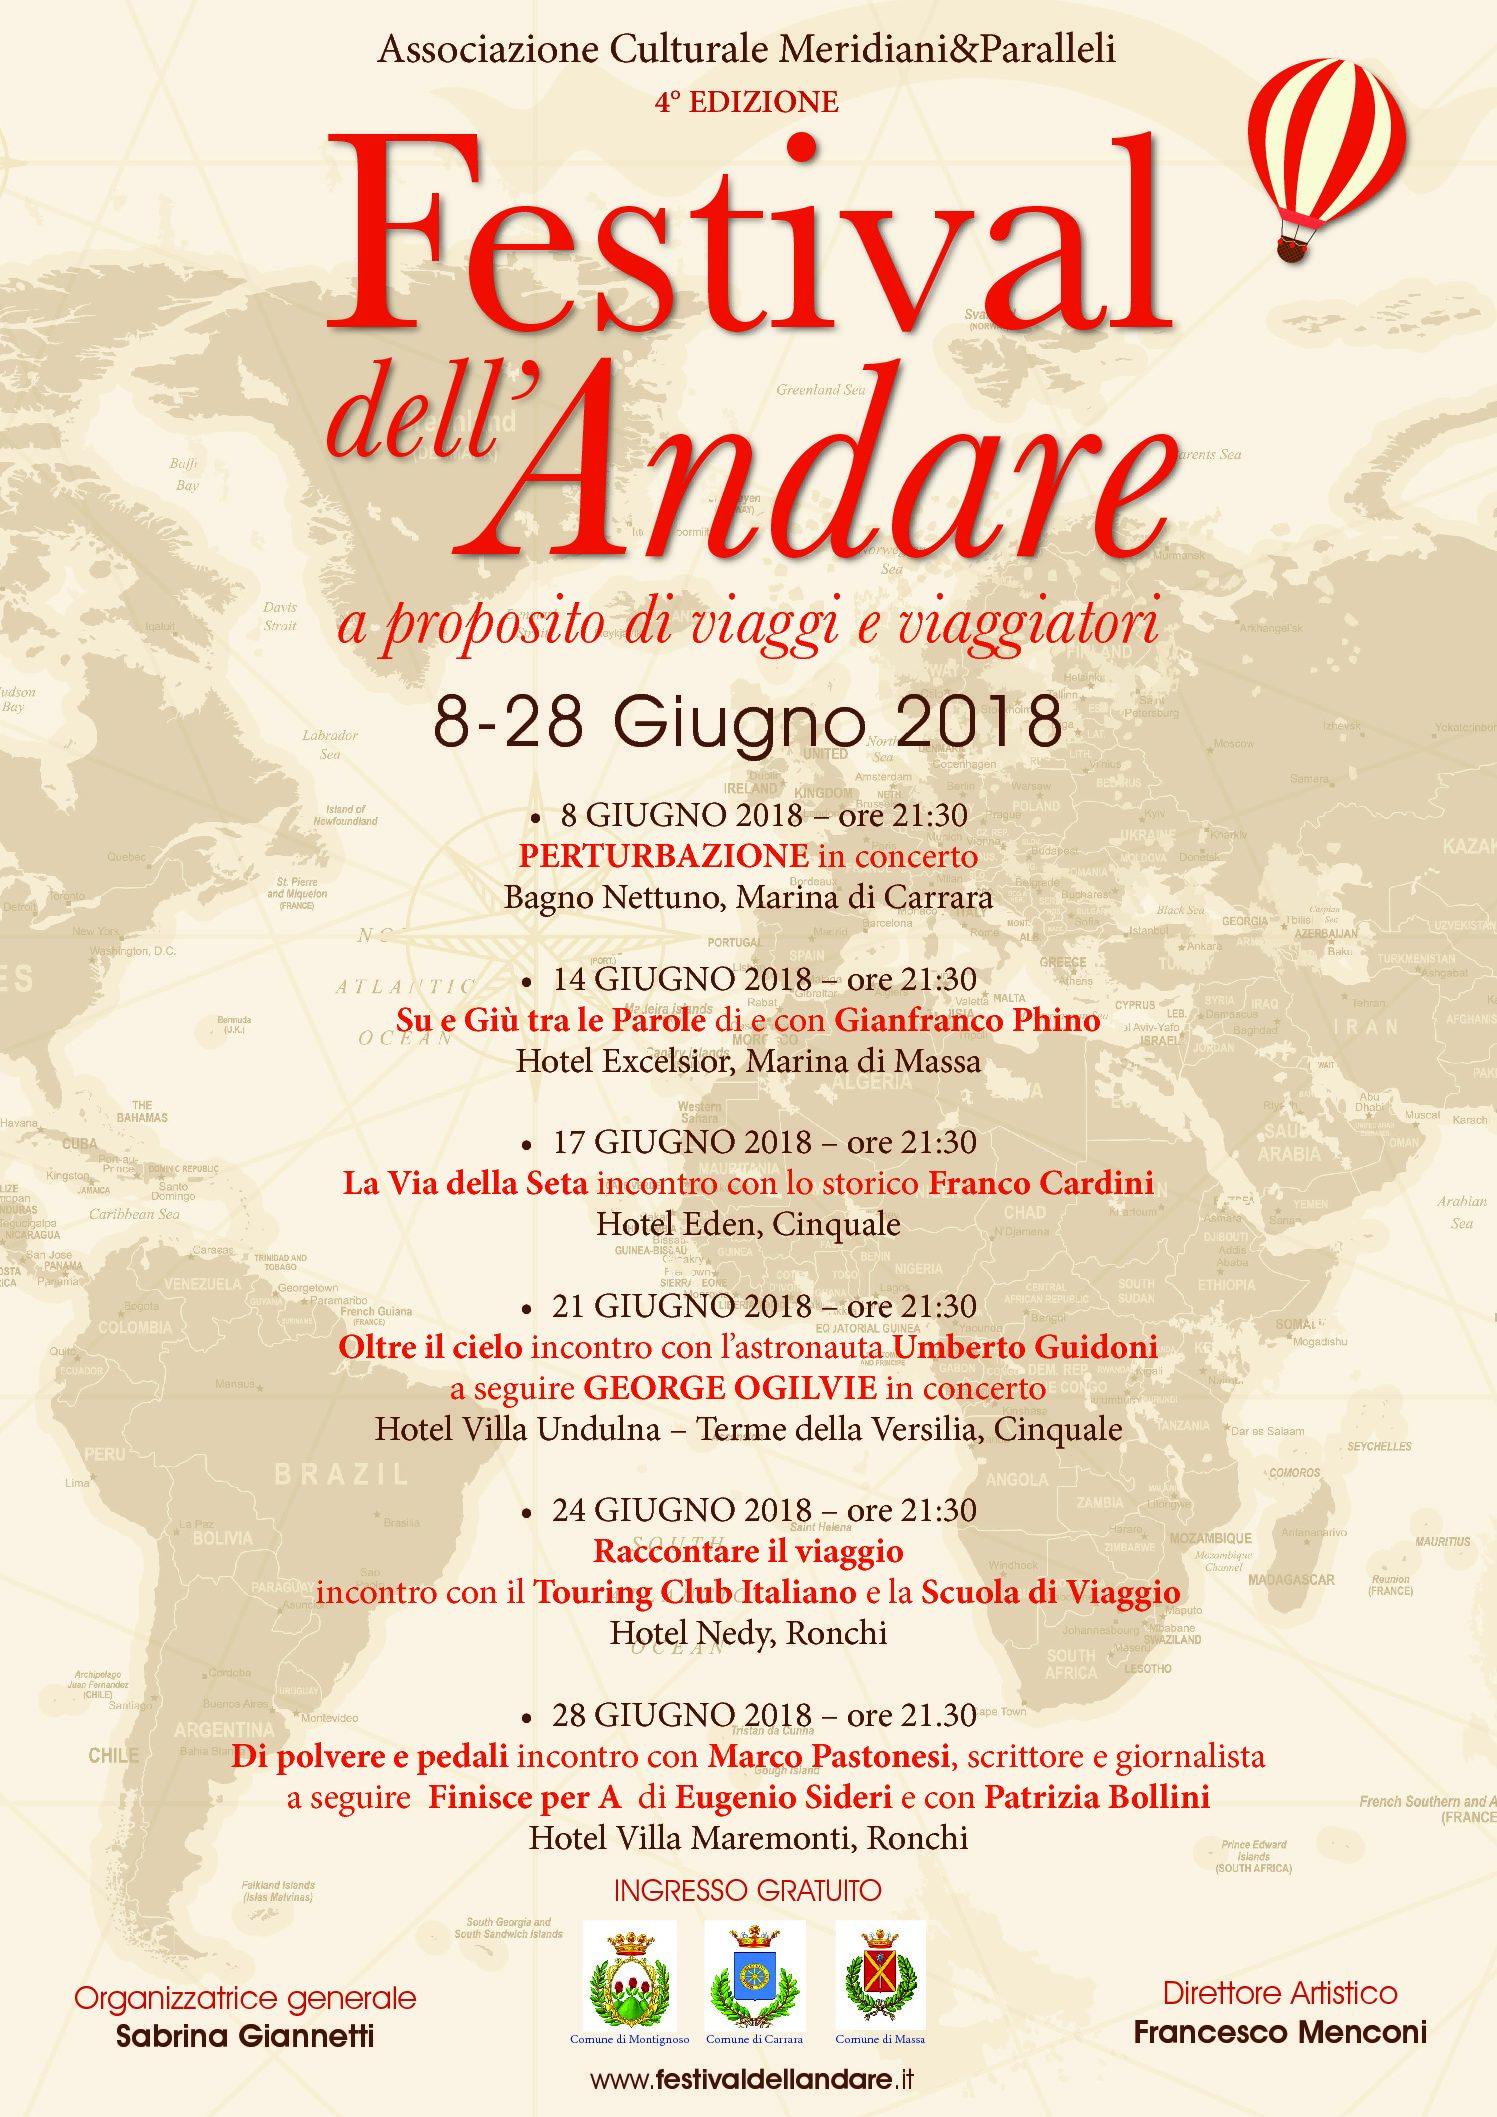 4° Edizione del Turismo Festival dell'Andare Turismo del Massa Carrara b0540c